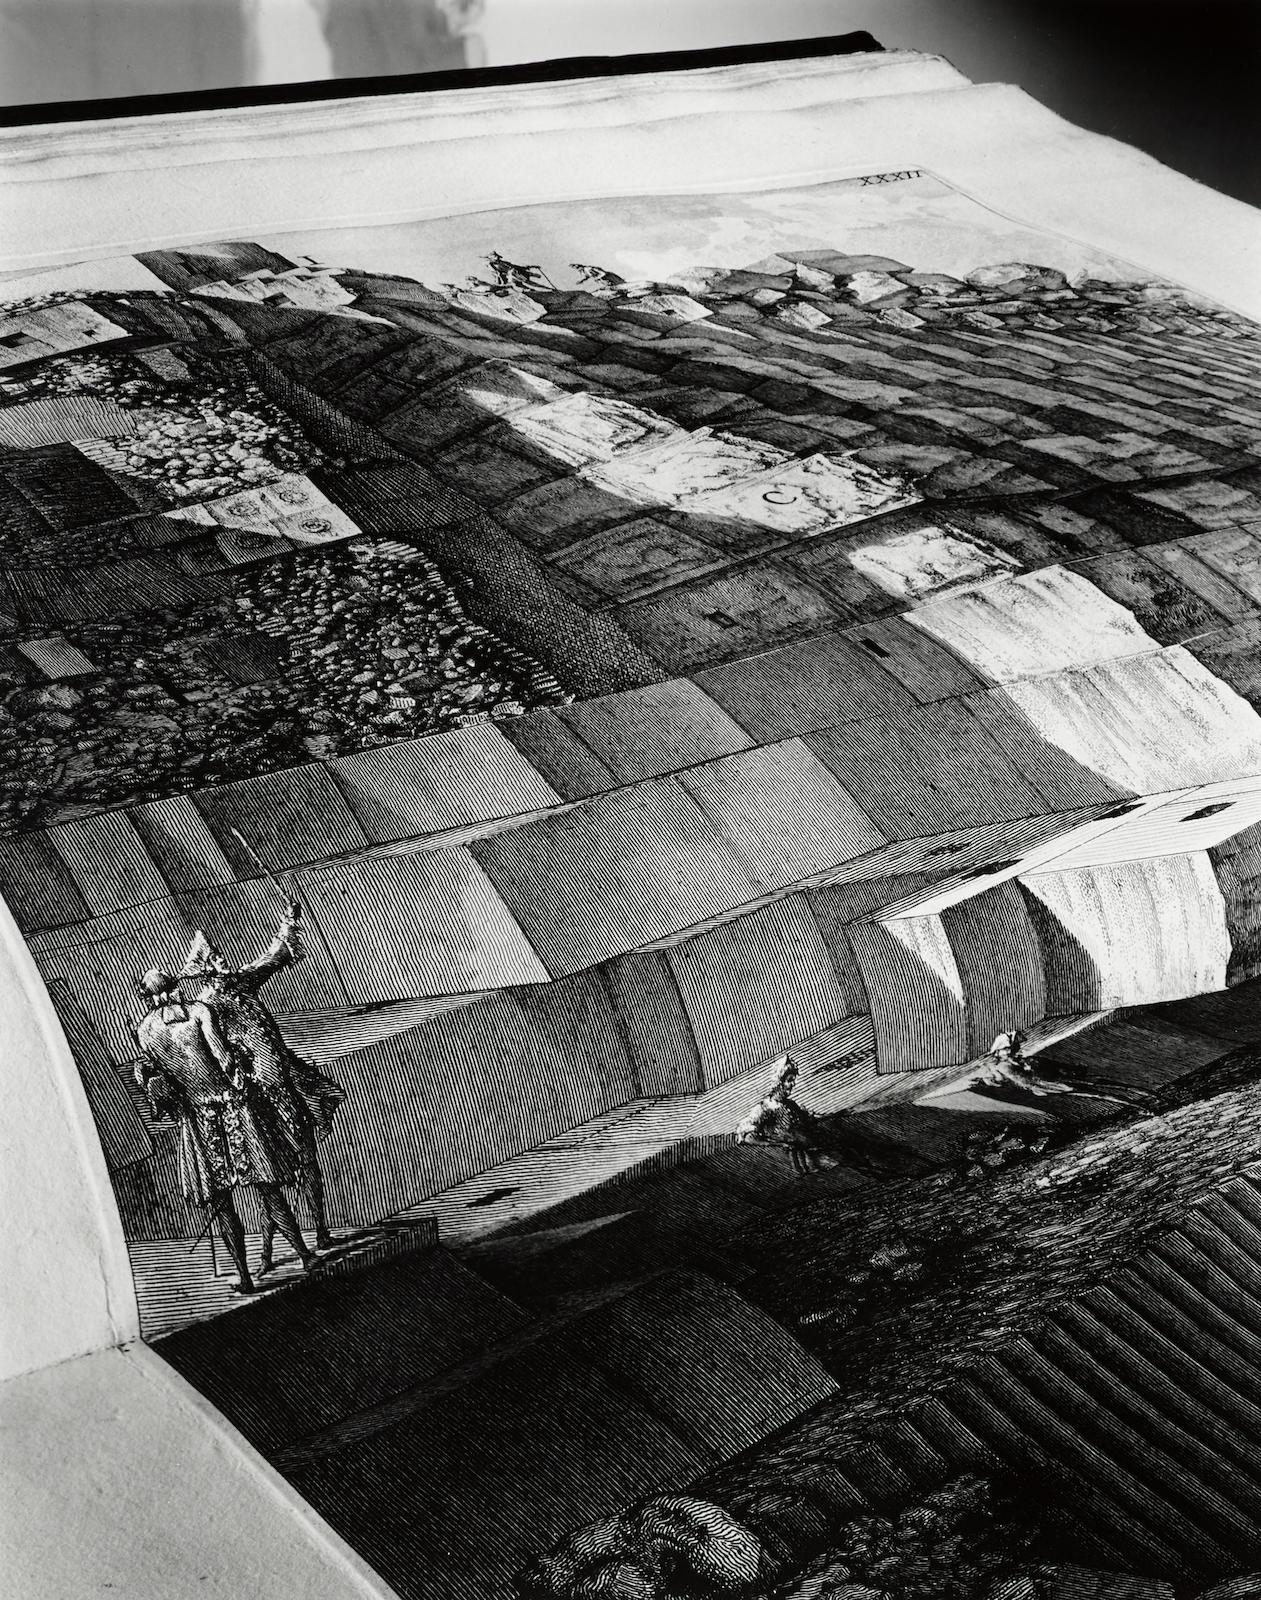 Abelardo Morell-Le Antichita Romane By Piranesi #2-1994